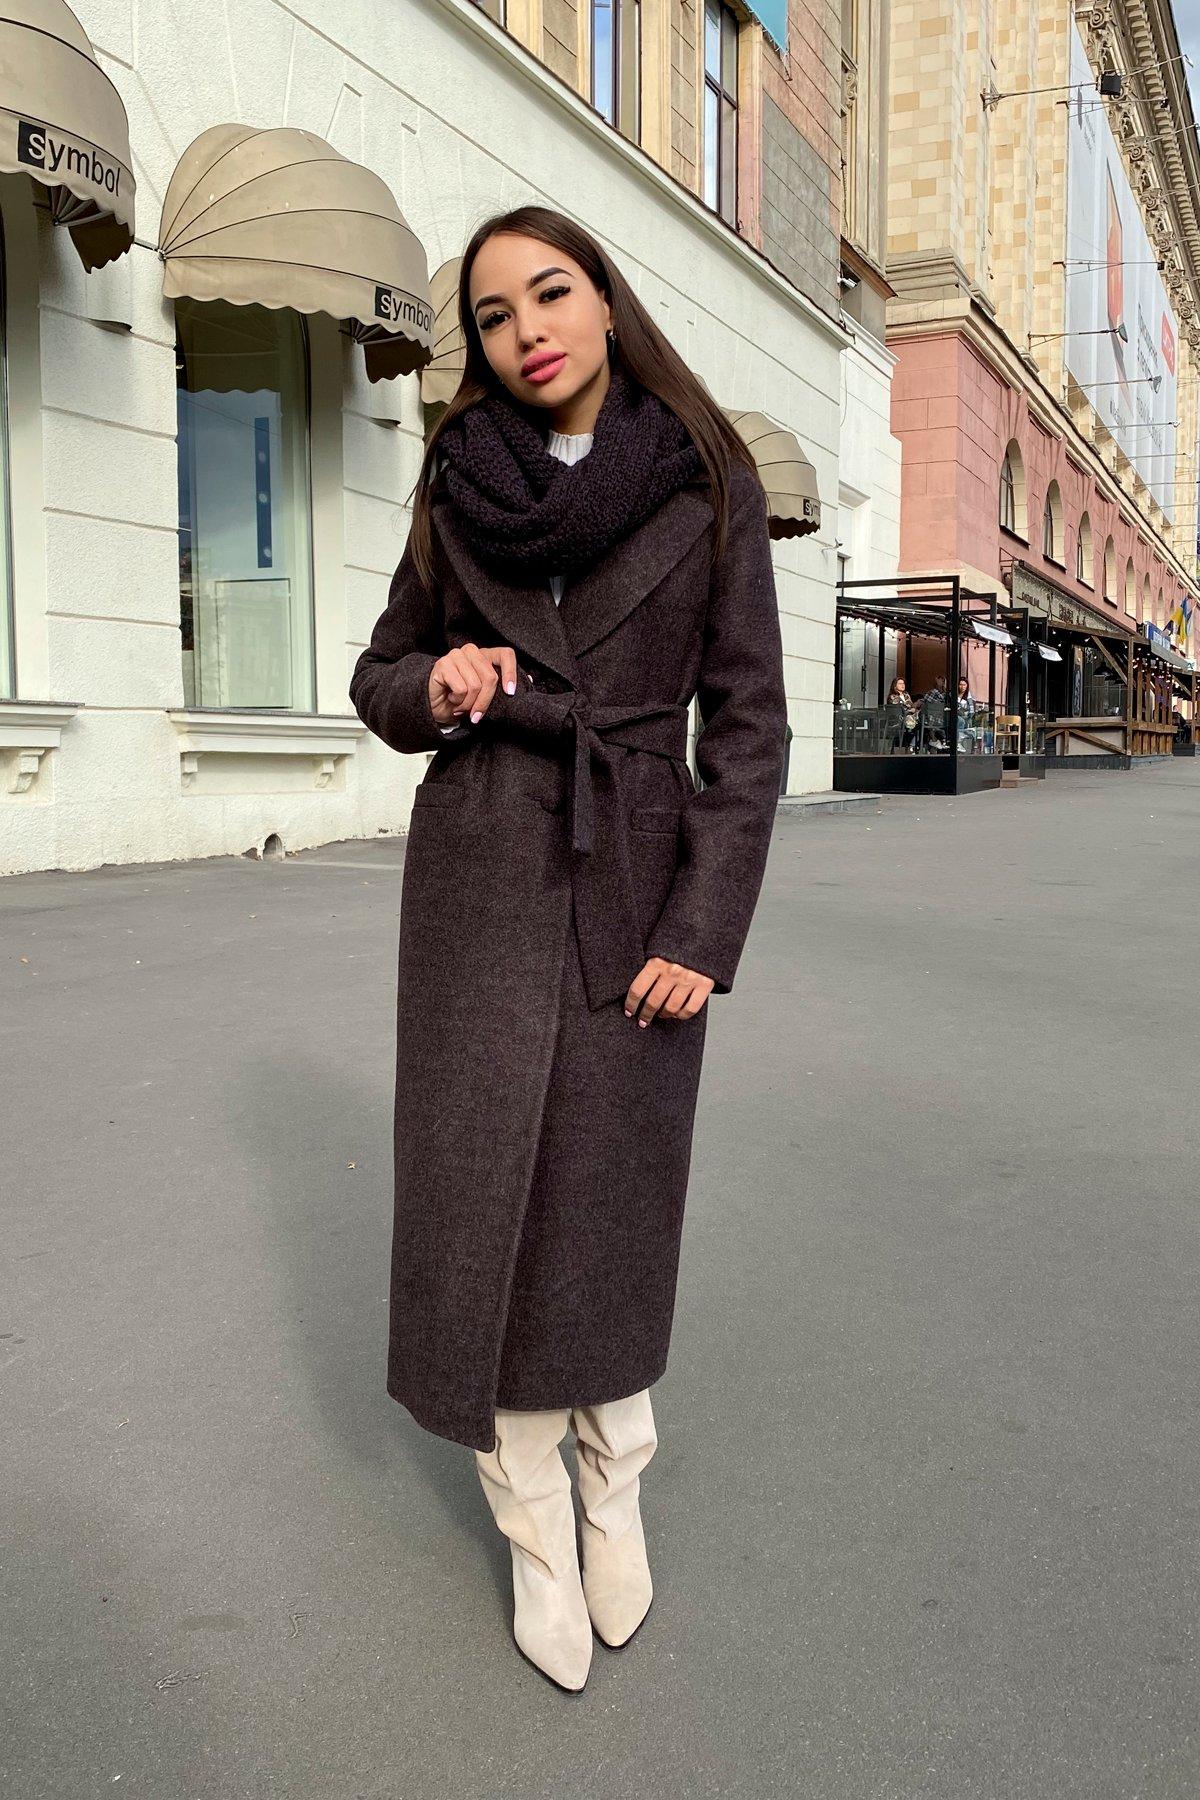 Длинное пальто зима Вива макси 8341 АРТ. 44495 Цвет: Шоколад 7 - фото 17, интернет магазин tm-modus.ru